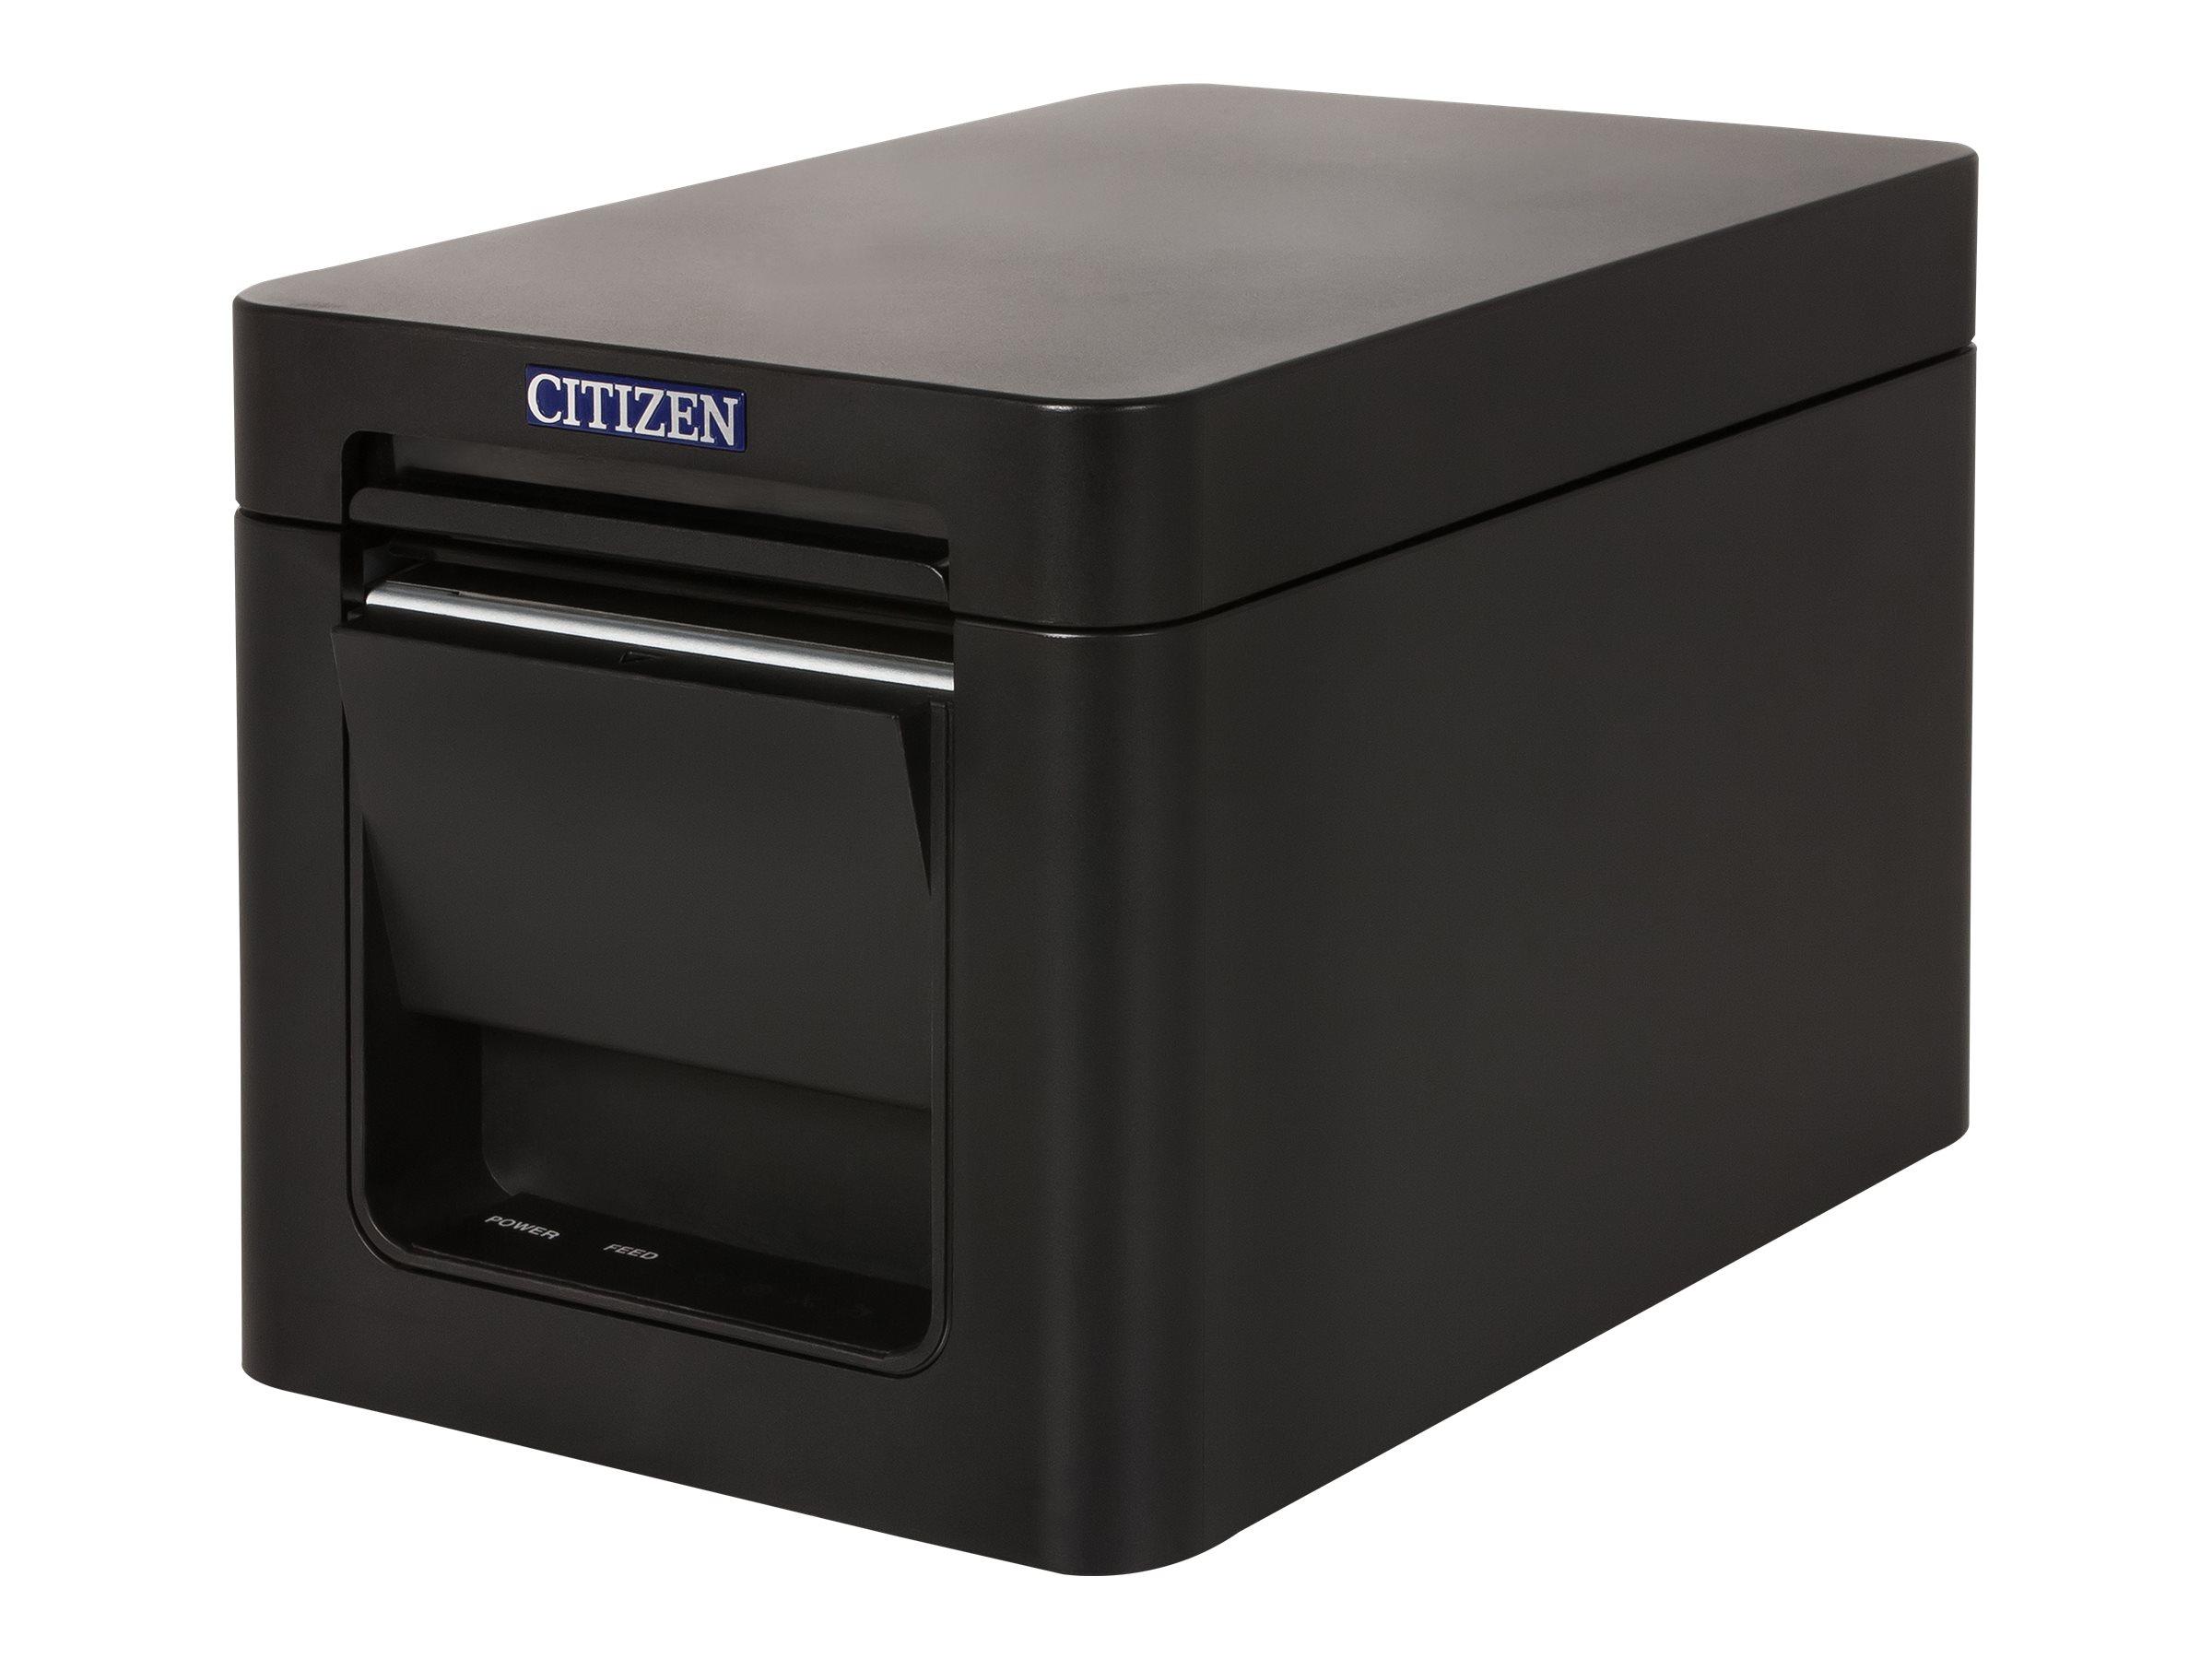 Citizen CT-S251 - Belegdrucker - zweifarbig (monochrom) - Thermozeile - Rolle (5,8 cm) - 203 dpi